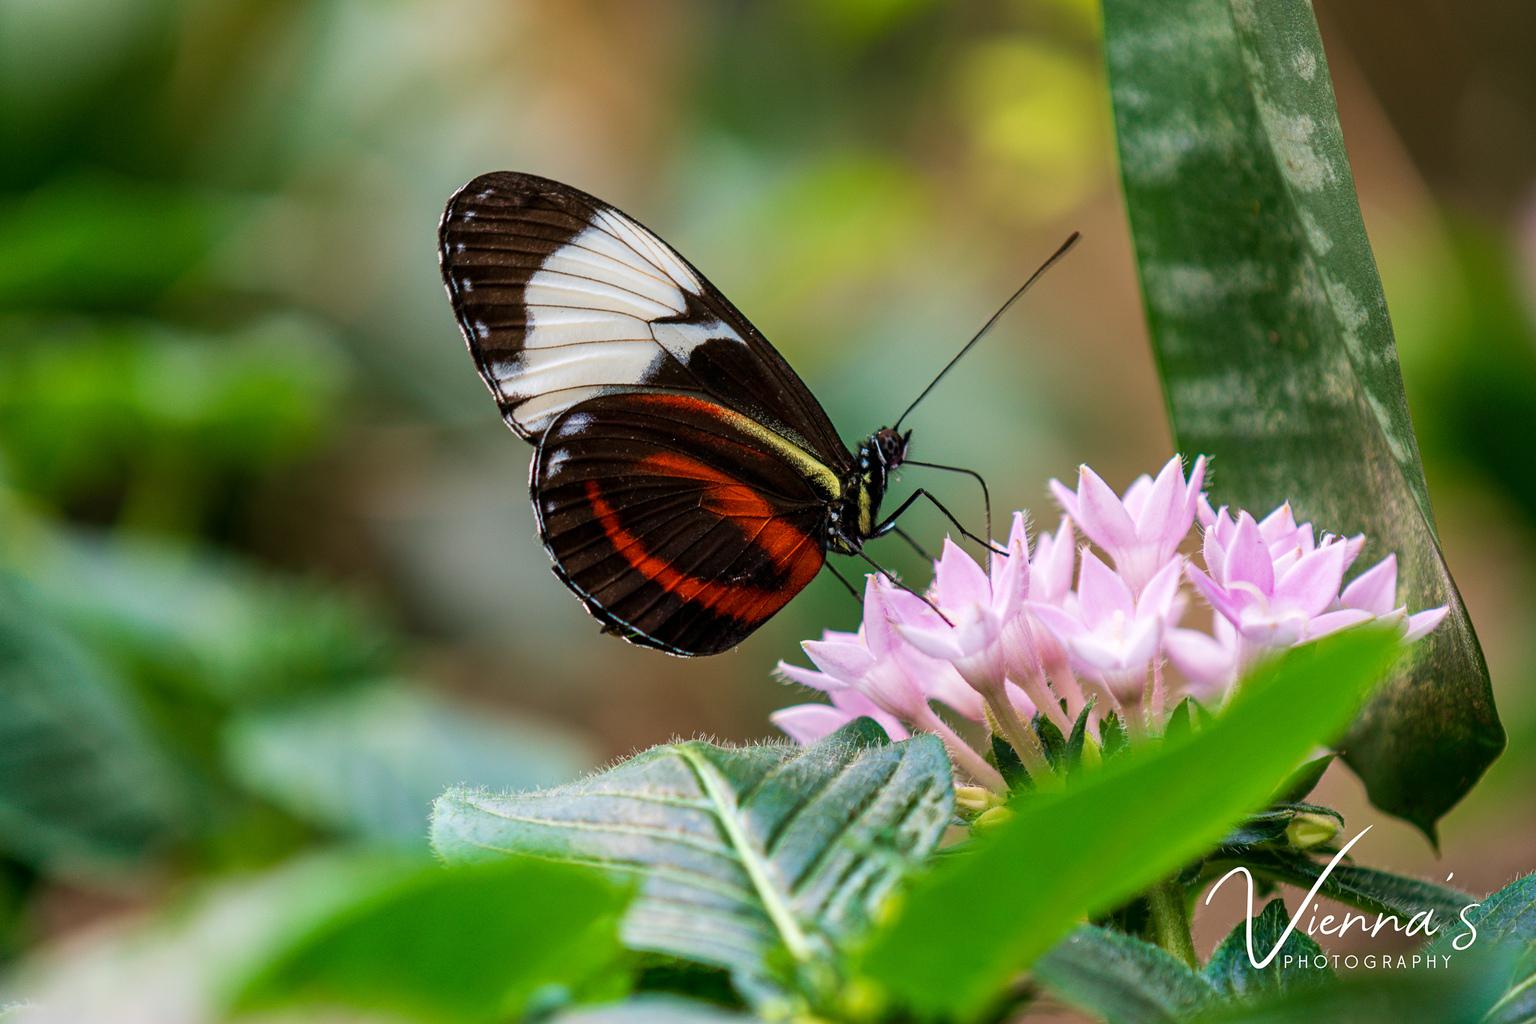 Vlinder (Eresia Lansdorfi) - Tijdens mijn trip in de orchideeënhoeve heb ik mij kunnen vermaken in de vlindertuin. Met als uitkomst deze prachtige foto! - foto door Vienna op 10-04-2021 - locatie: Flevoland, Nederland - deze foto bevat: macro, marco photography, vlinder, butterfly, bloemen, flowers, bloem, fabriek, bestuiver, insect, geleedpotigen, vlinder, motten en vlinders, plantkunde, bloemblaadje, terrestrische plant